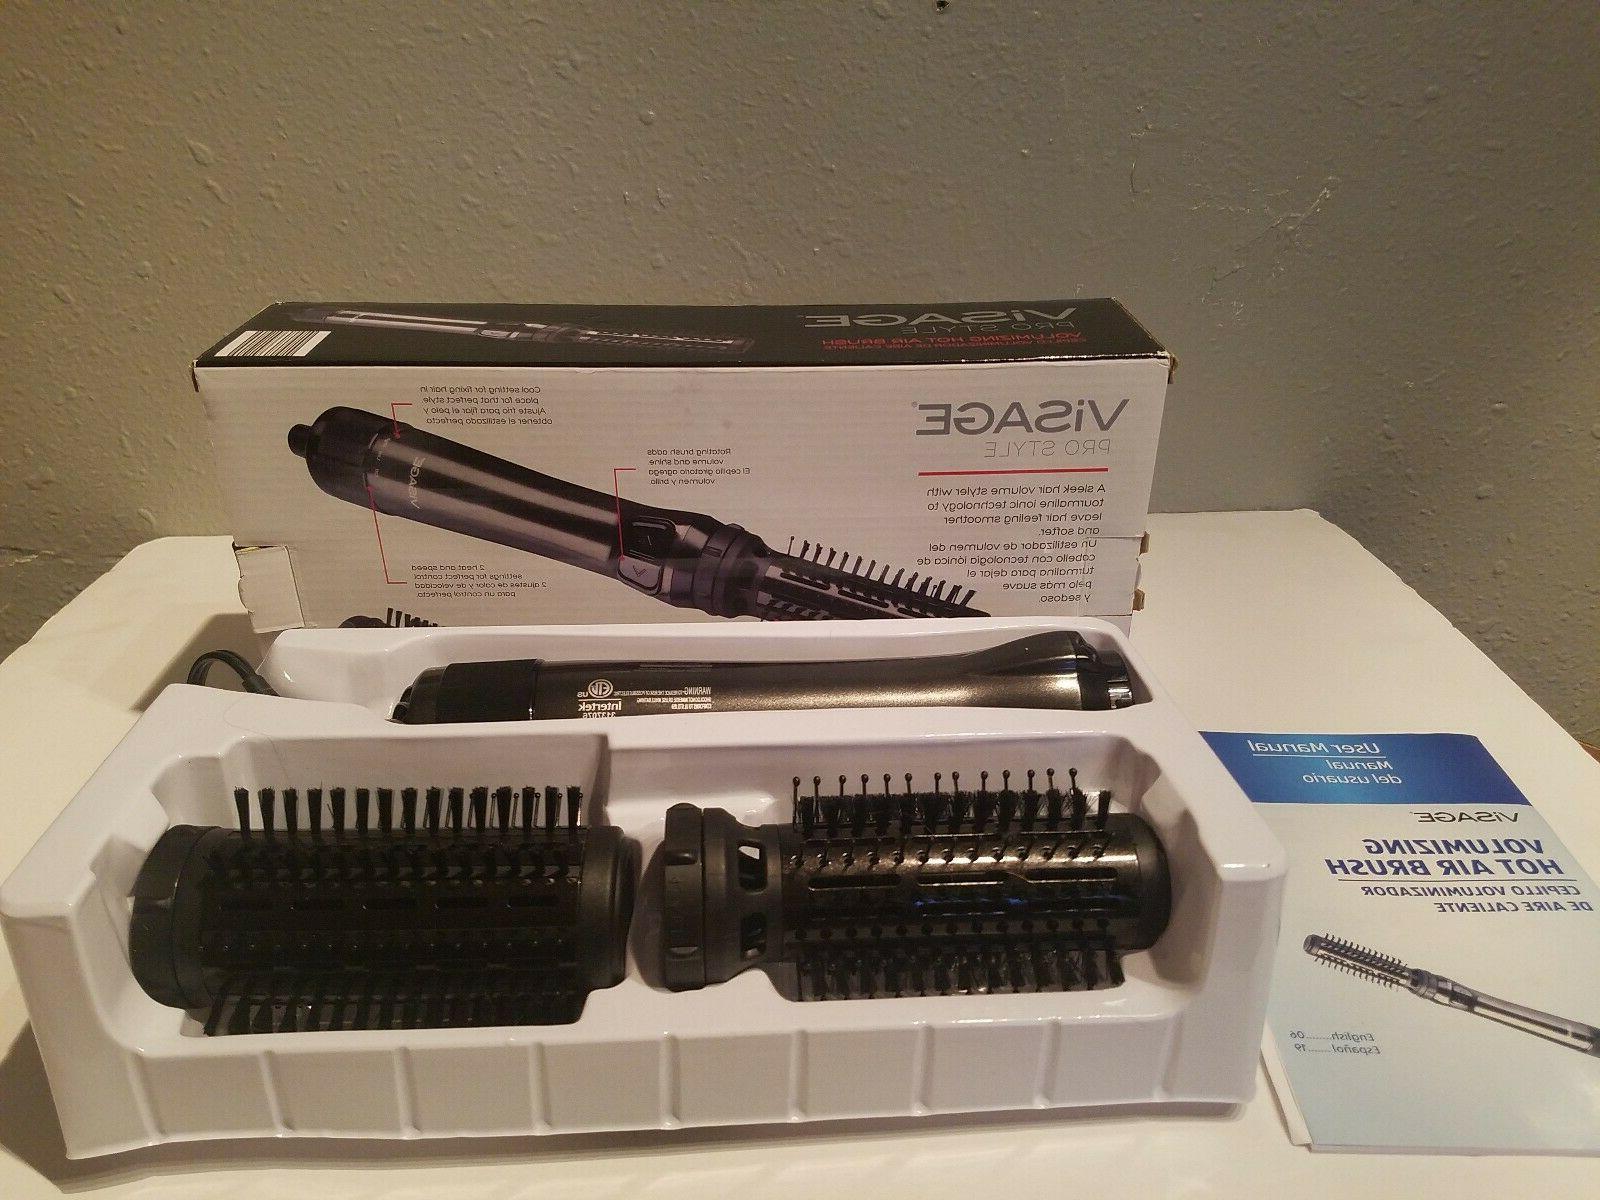 Aldi Rotating Volume Air Brush Hair Care